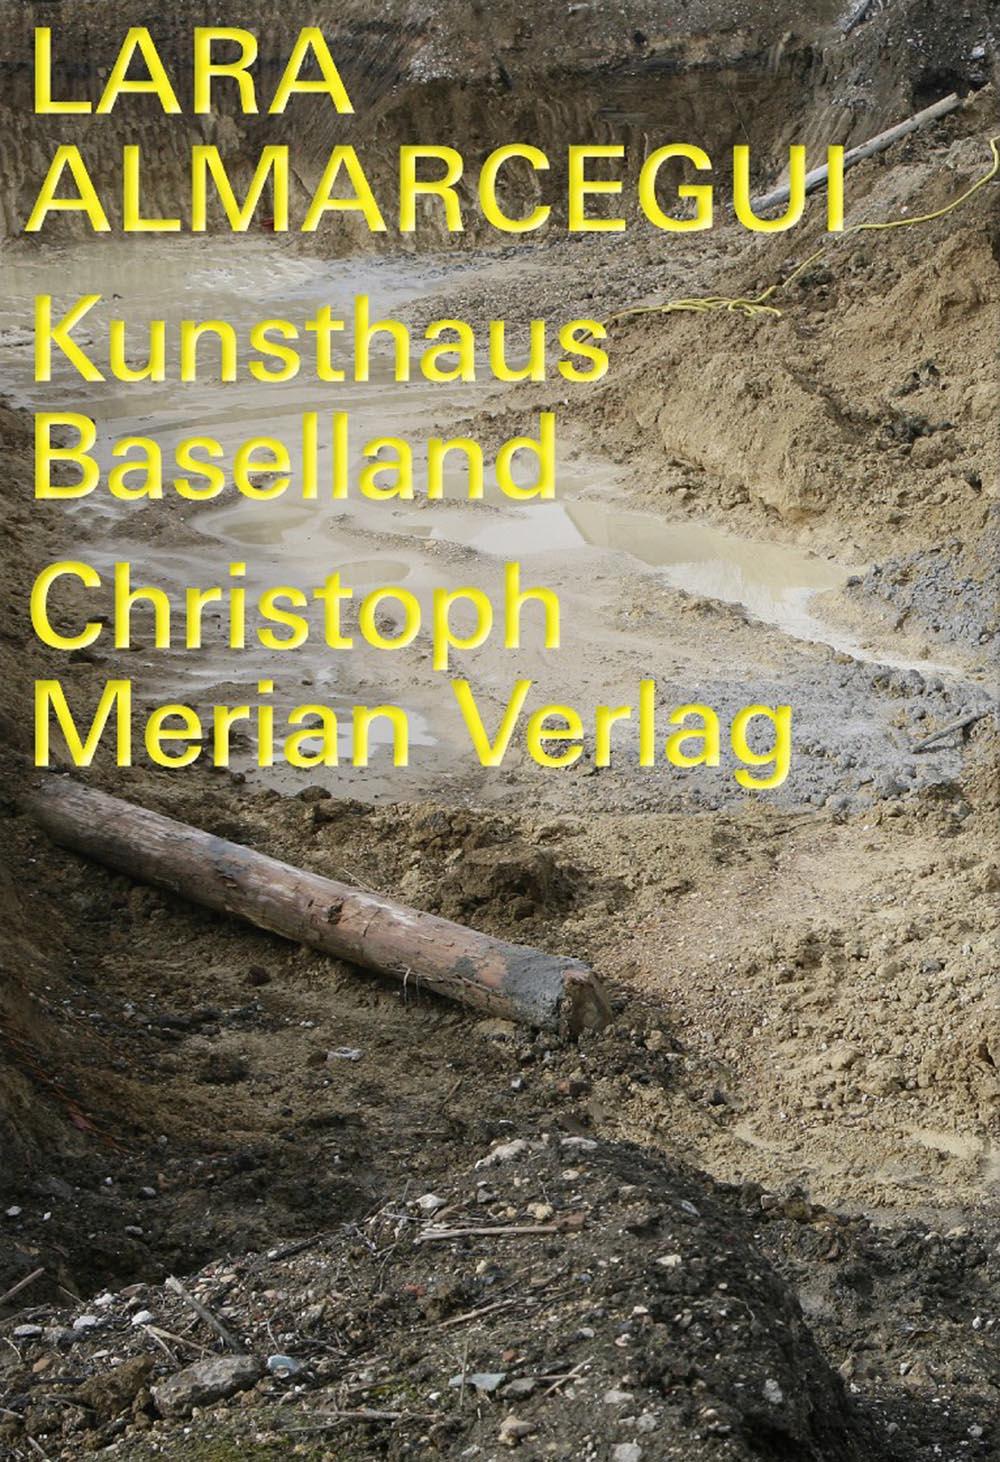 Brachlandschaften  Daia Stutz in: Lara Almarcegui, Kunsthaus Baselland, Christoph Merian Verlag, 2015